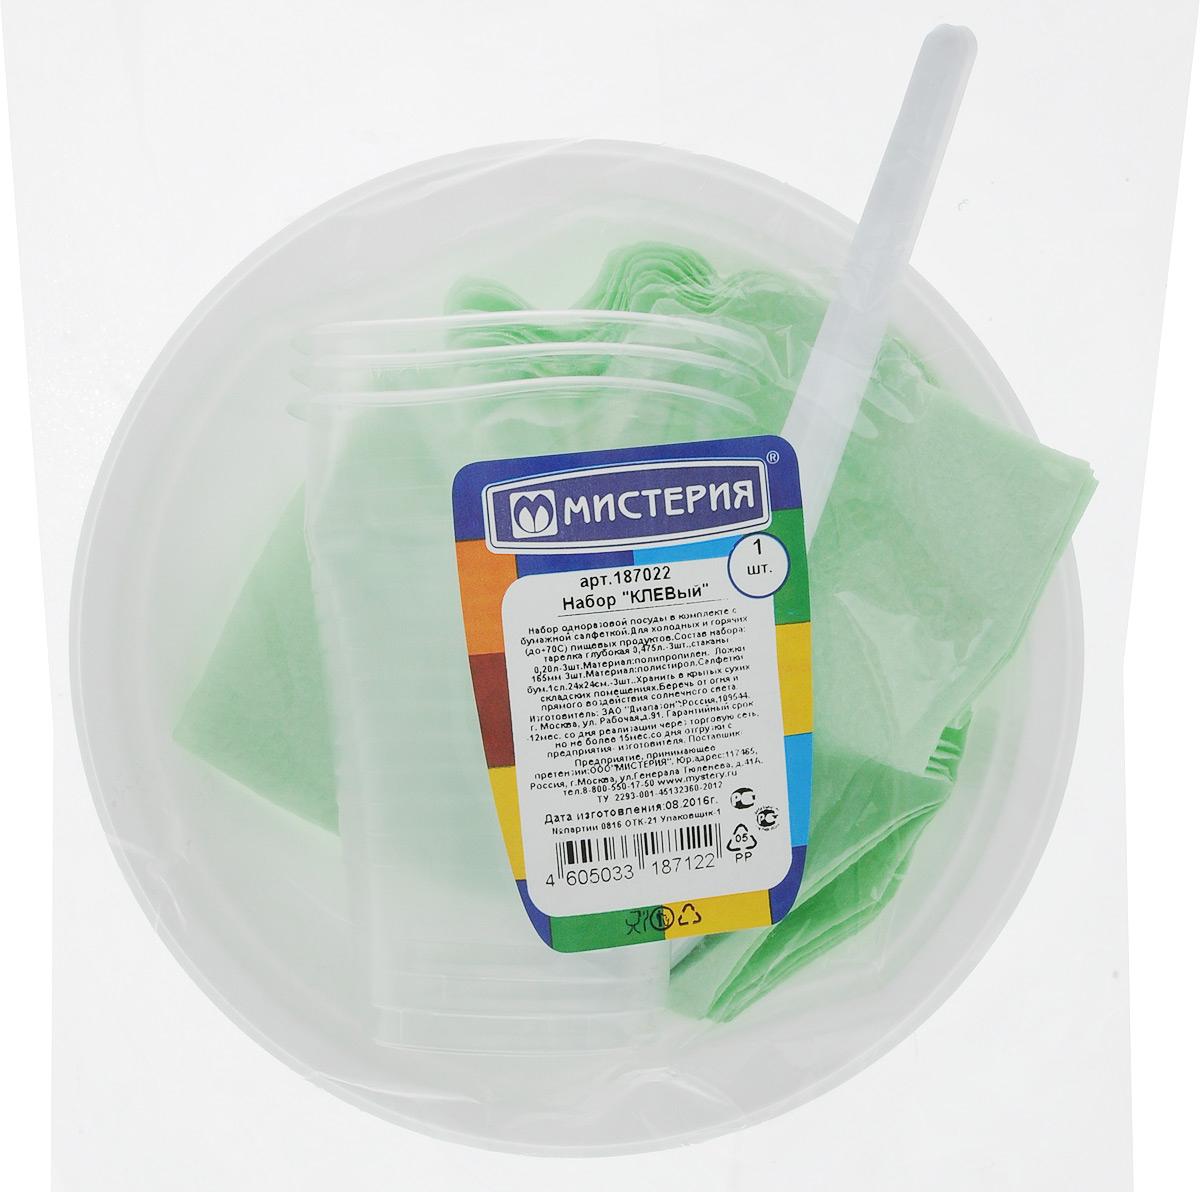 Набор одноразовой посуды Мистерия КЛЕВый, 12 предметов4630003364517Набор одноразовой посуды Мистерия КЛЕВый на 3 персоны включает 3 глубокие тарелки, 3 столовые ложки, 3 стакана и 3 бумажные салфетки. Посуда выполнена из пищевого пластика, предназначена для холодных и горячих (до +70°С) пищевых продуктов. Такой набор посуды отлично подойдет для отдыха на природе. В нем есть все необходимое для пикника. Он легкий и не занимает много места, а самое главное - после использования его не надо мыть. Объем стакана: 200 мл. Диаметр стакана (по верхнему краю): 7 см. Высота стакана: 9,5 см. Объем тарелки: 475 мл. Диаметр тарелки: 15,5 см. Высота тарелки: 4,5 см. Длина ложки: 16,5 см. Размер салфетки: 24 х 24 см.